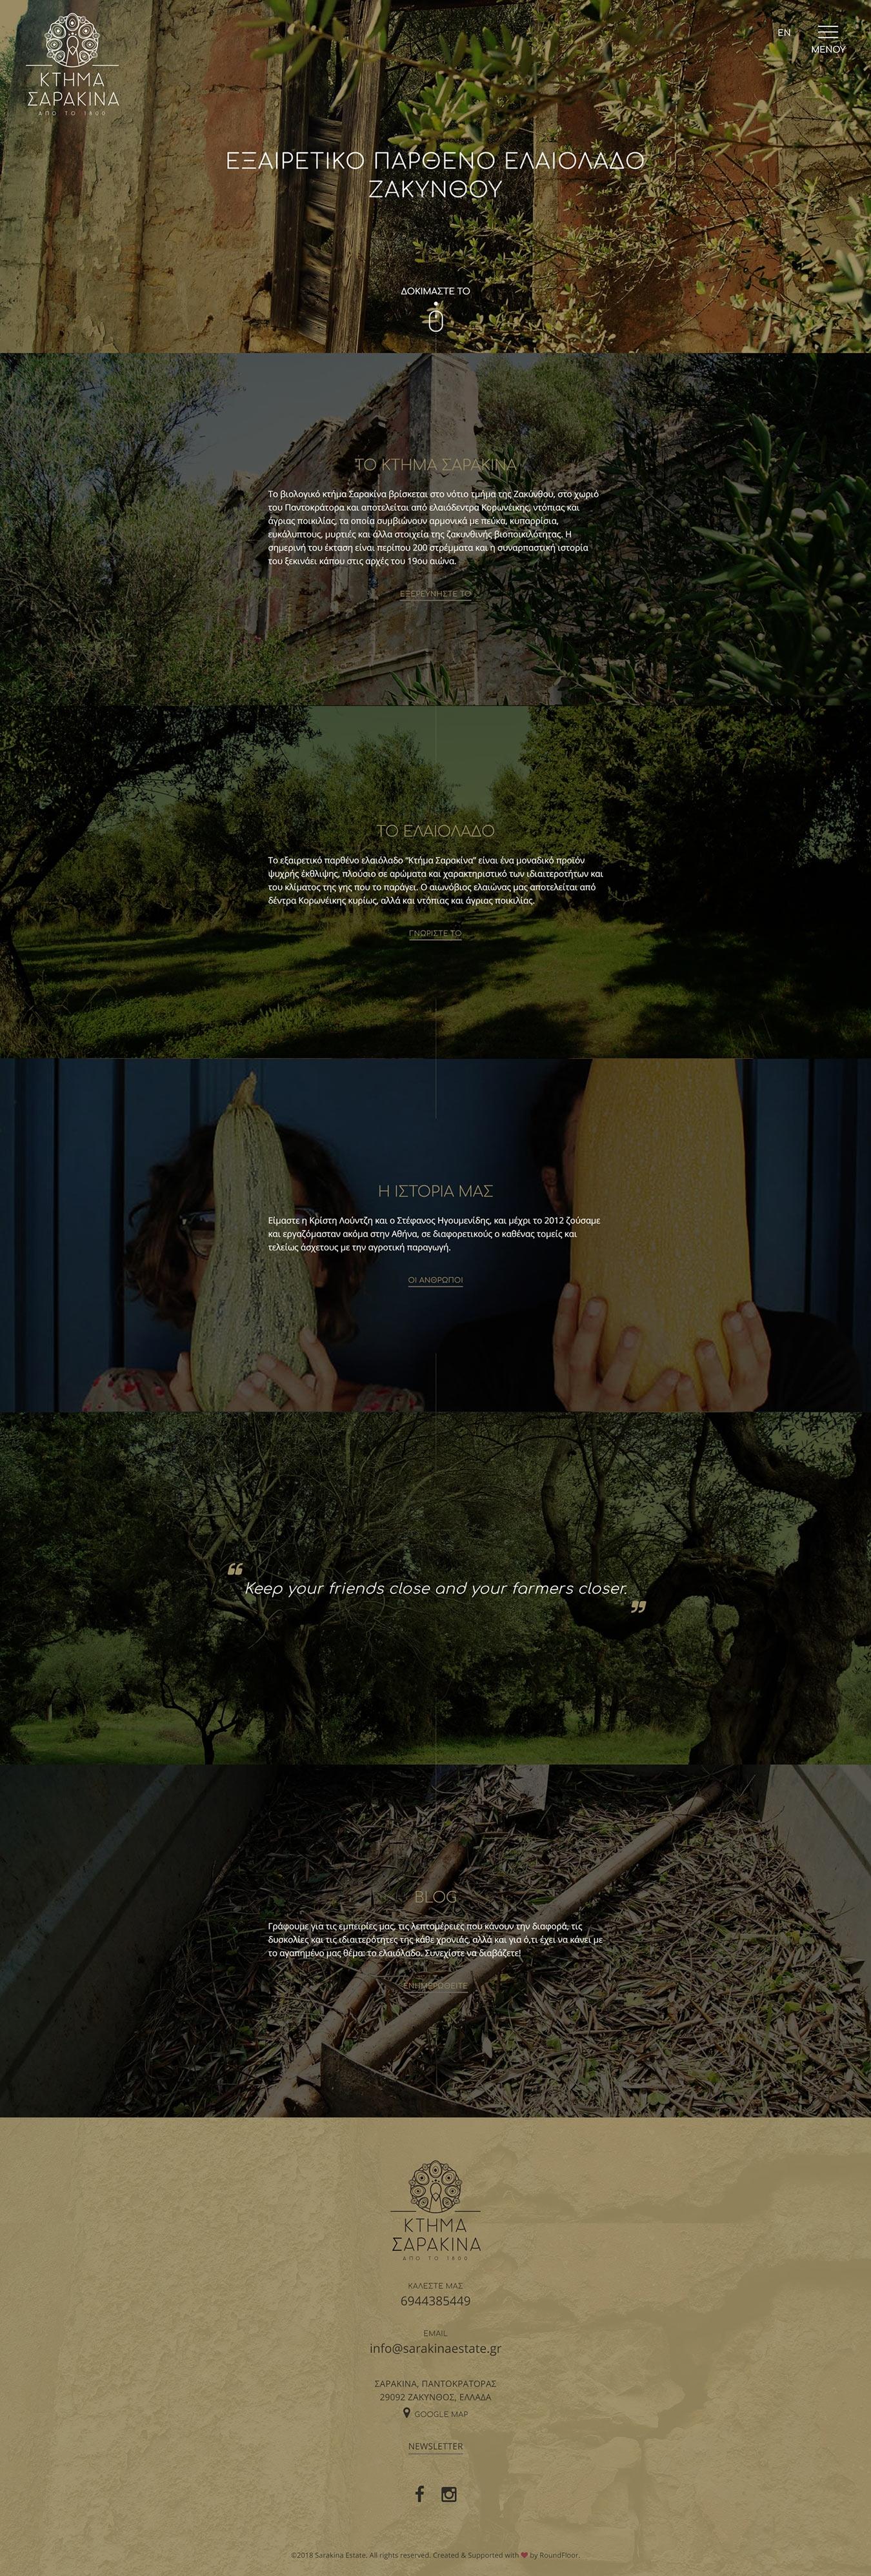 Κατασκευή ιστοσελίδας ελαιόλαδου για το Κτήμα Σαρακίνα